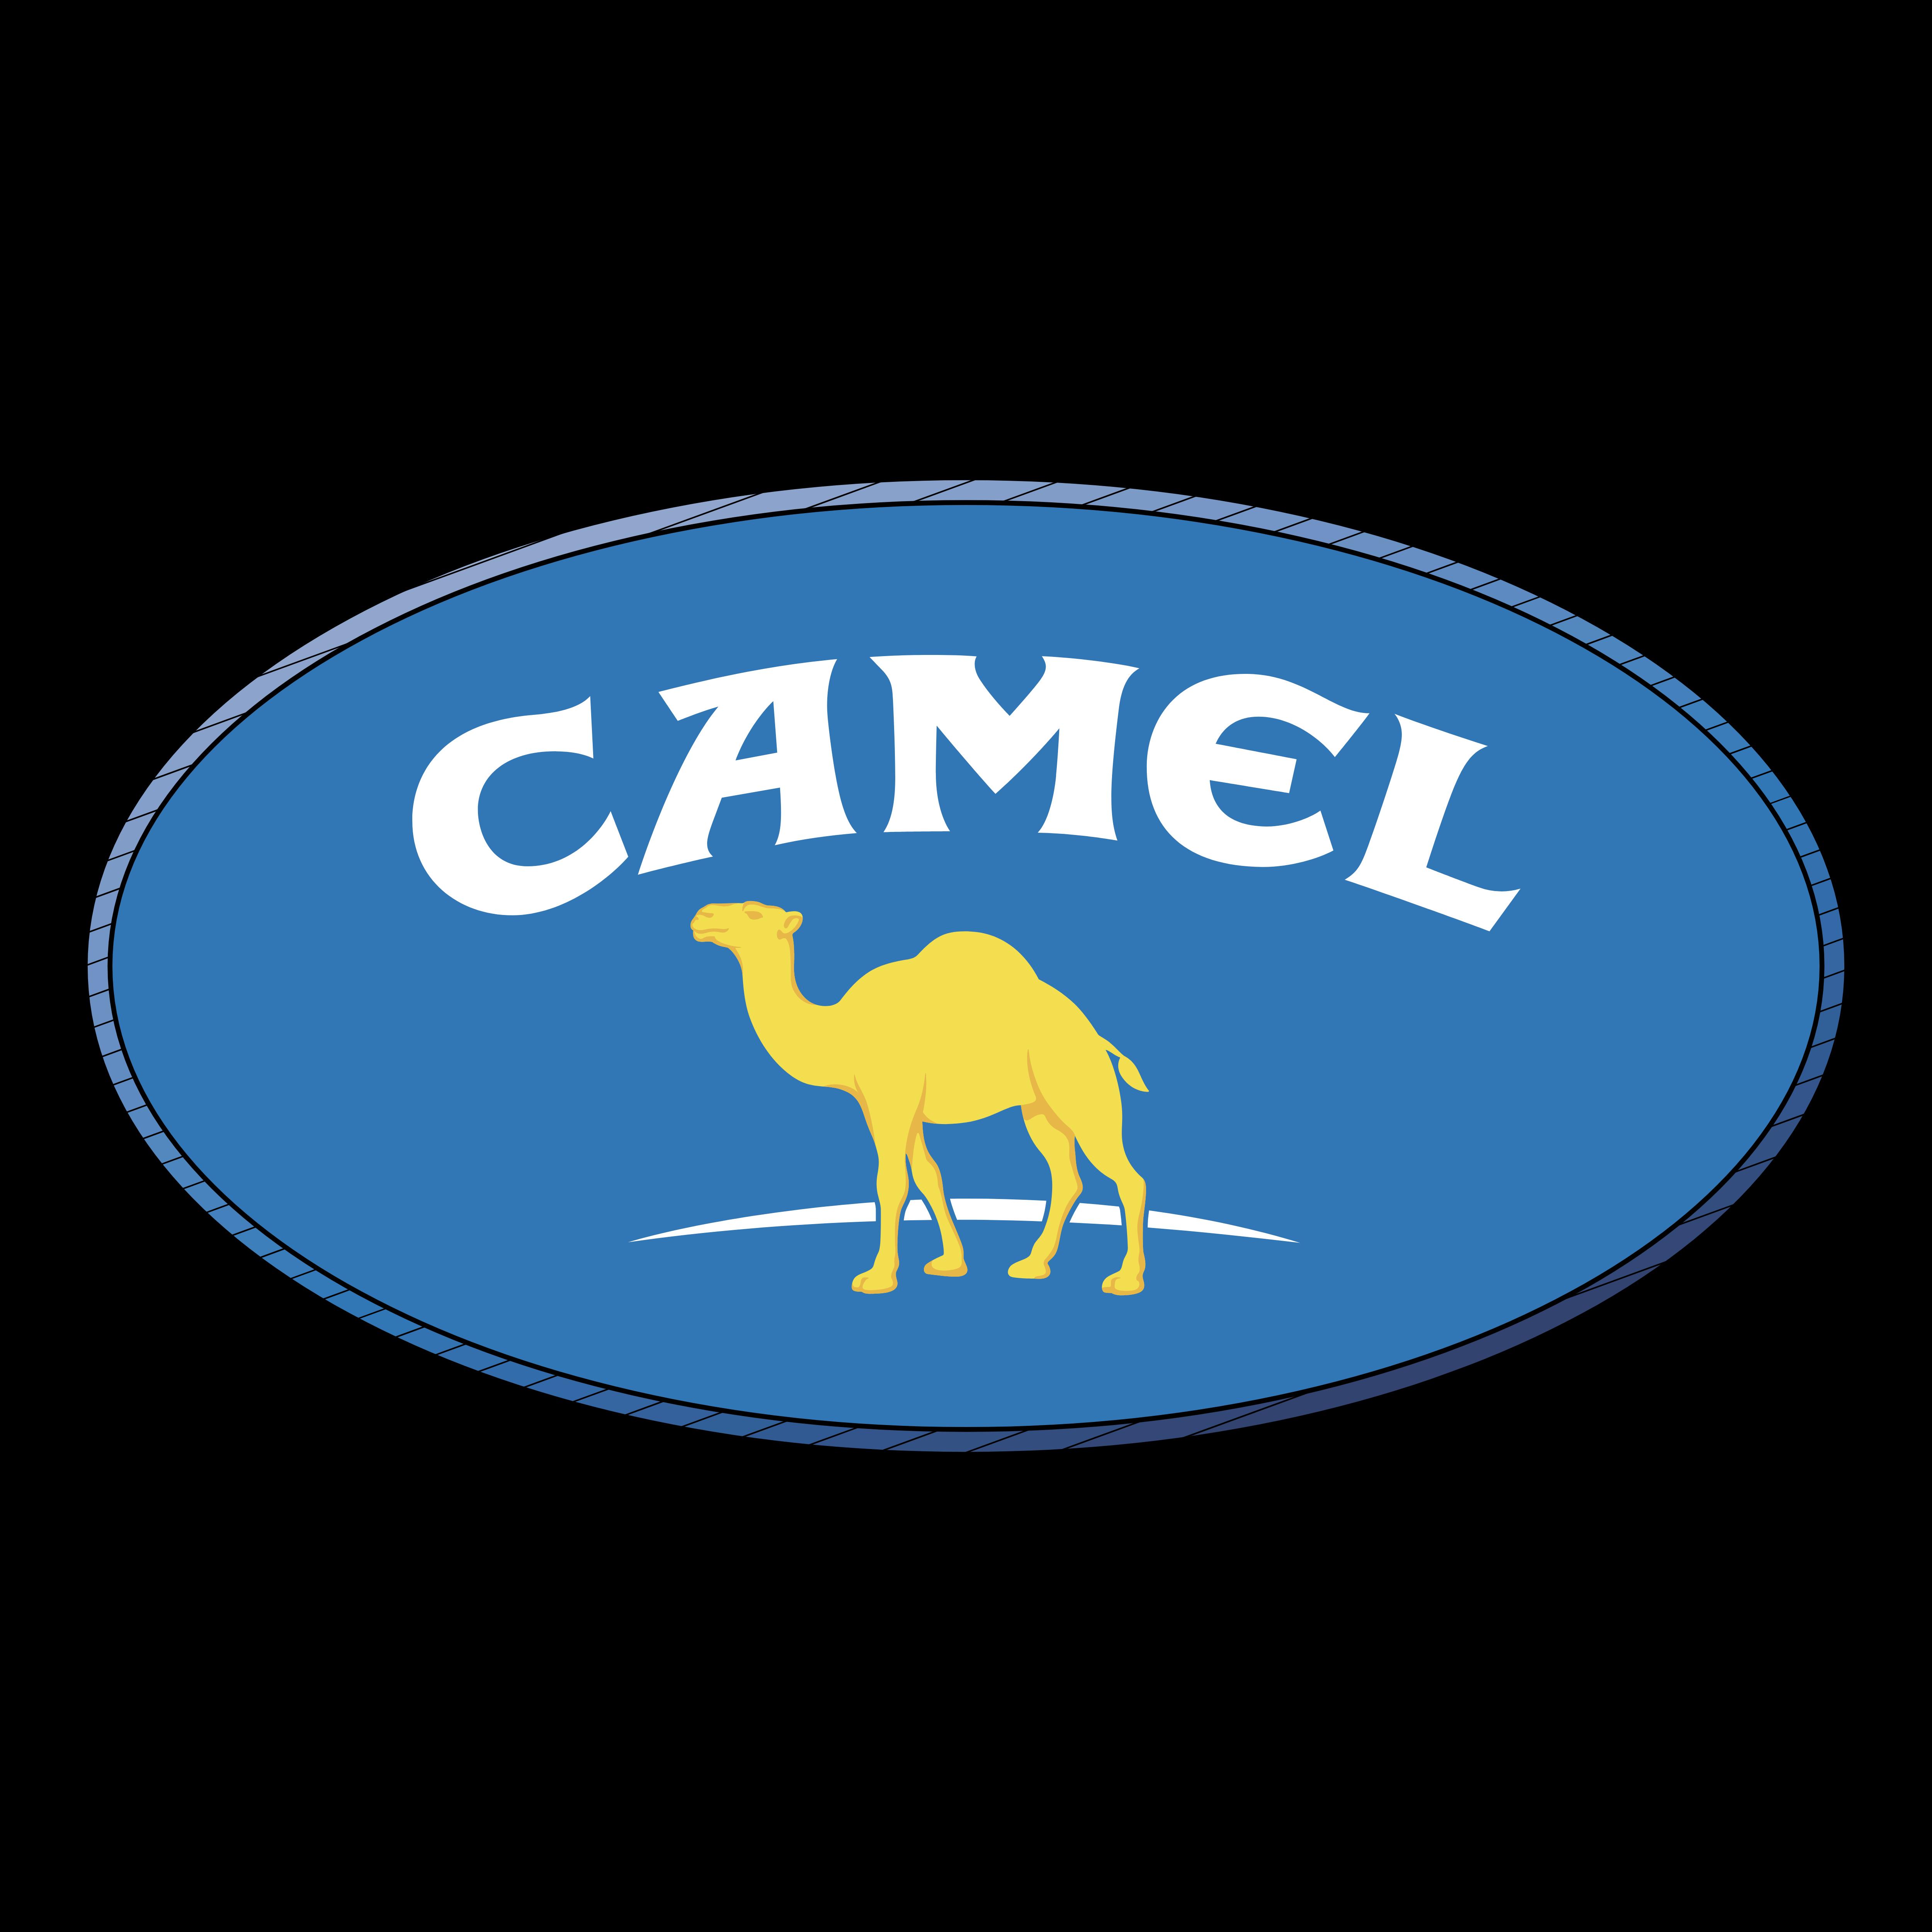 Camel – Logos Download | 5000 x 5000 png 935kB